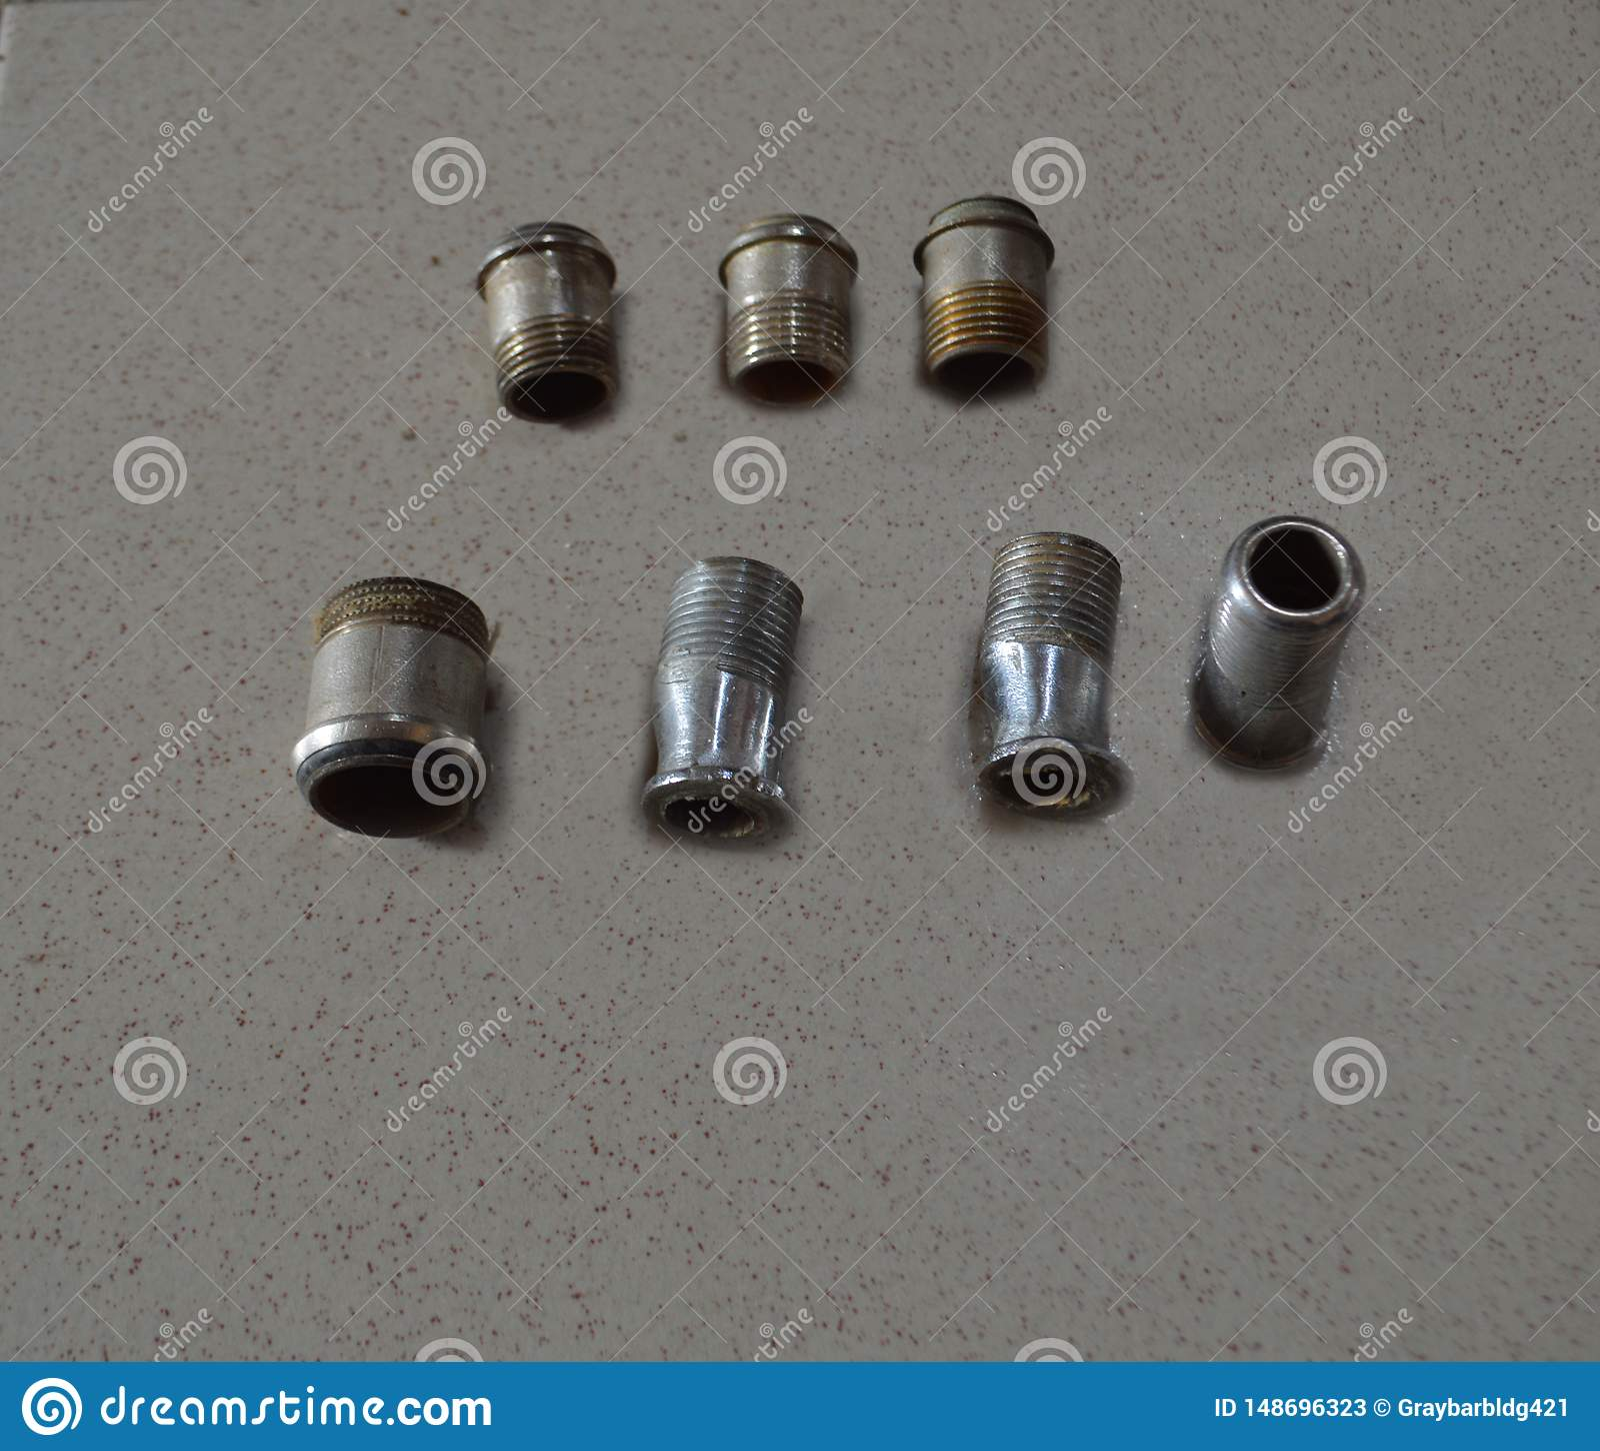 Rör för koppar för anslutning för monteringar för adapterbadrummässingskompression, koppling